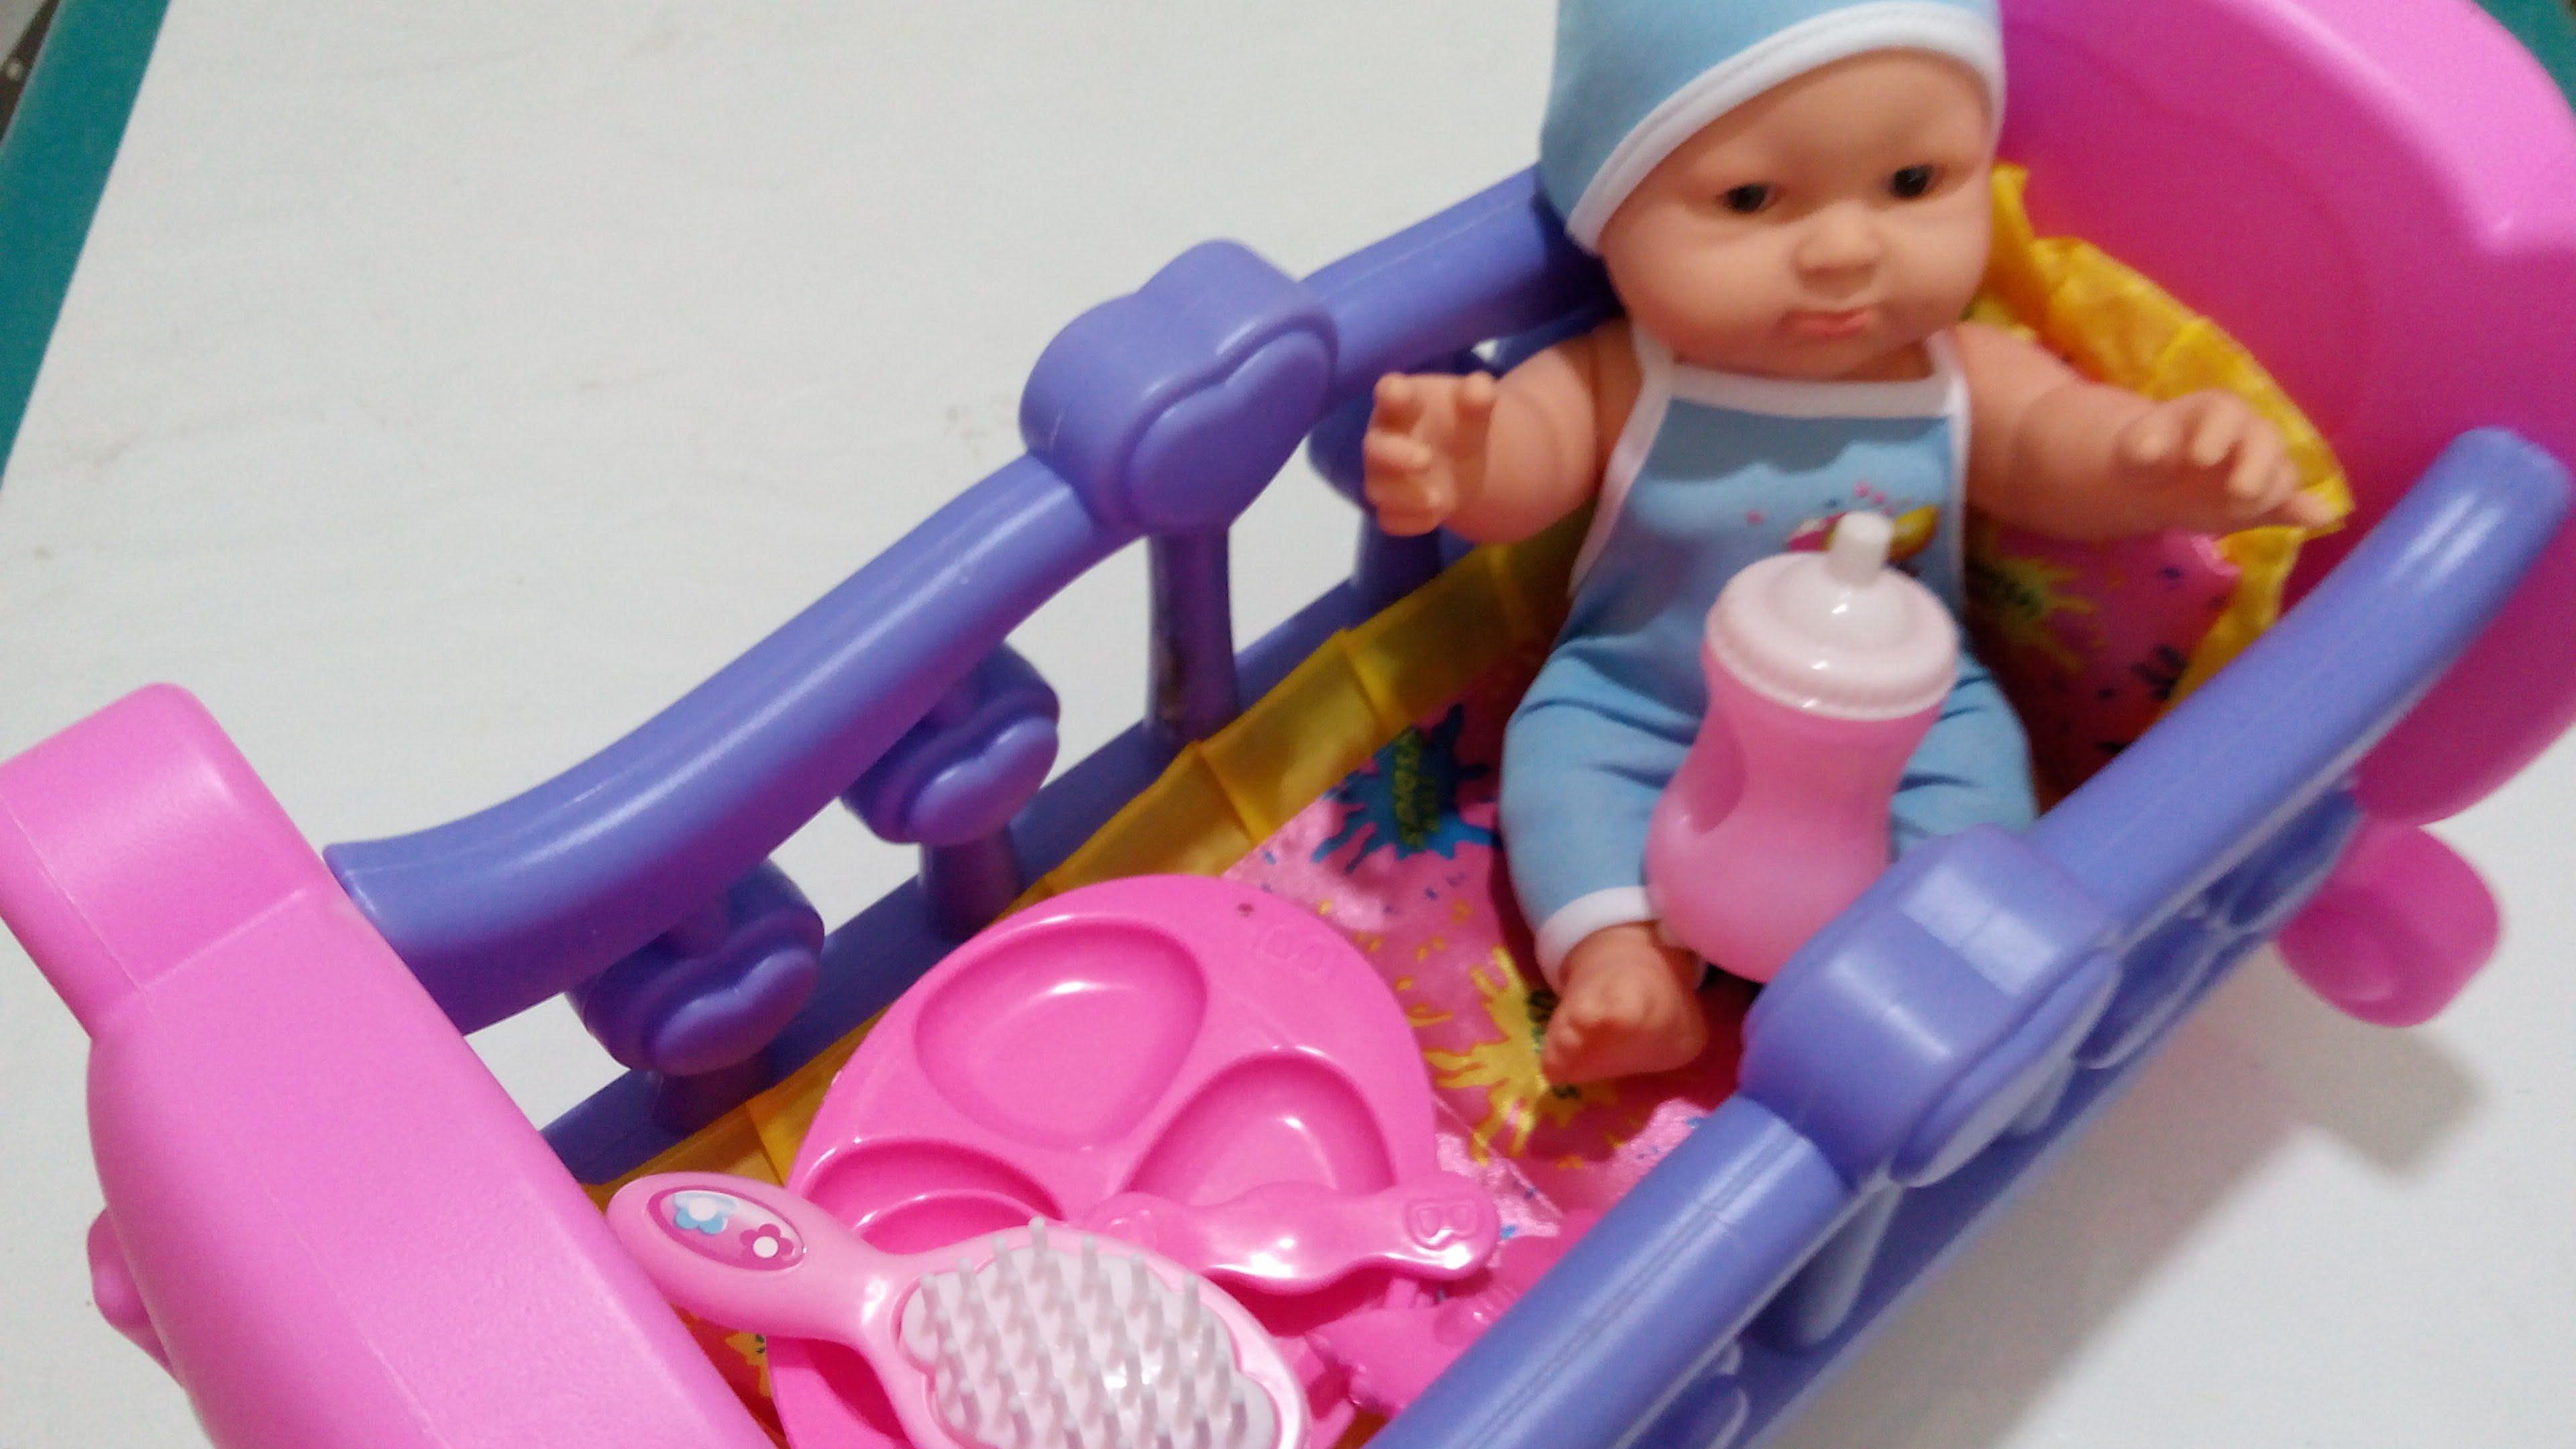 لعبة الطفل البيبي و السرير العاب الدمى العاب بنات و أولاد العاب عبير Best Kids Toys Baby Car Seats Kids Toys